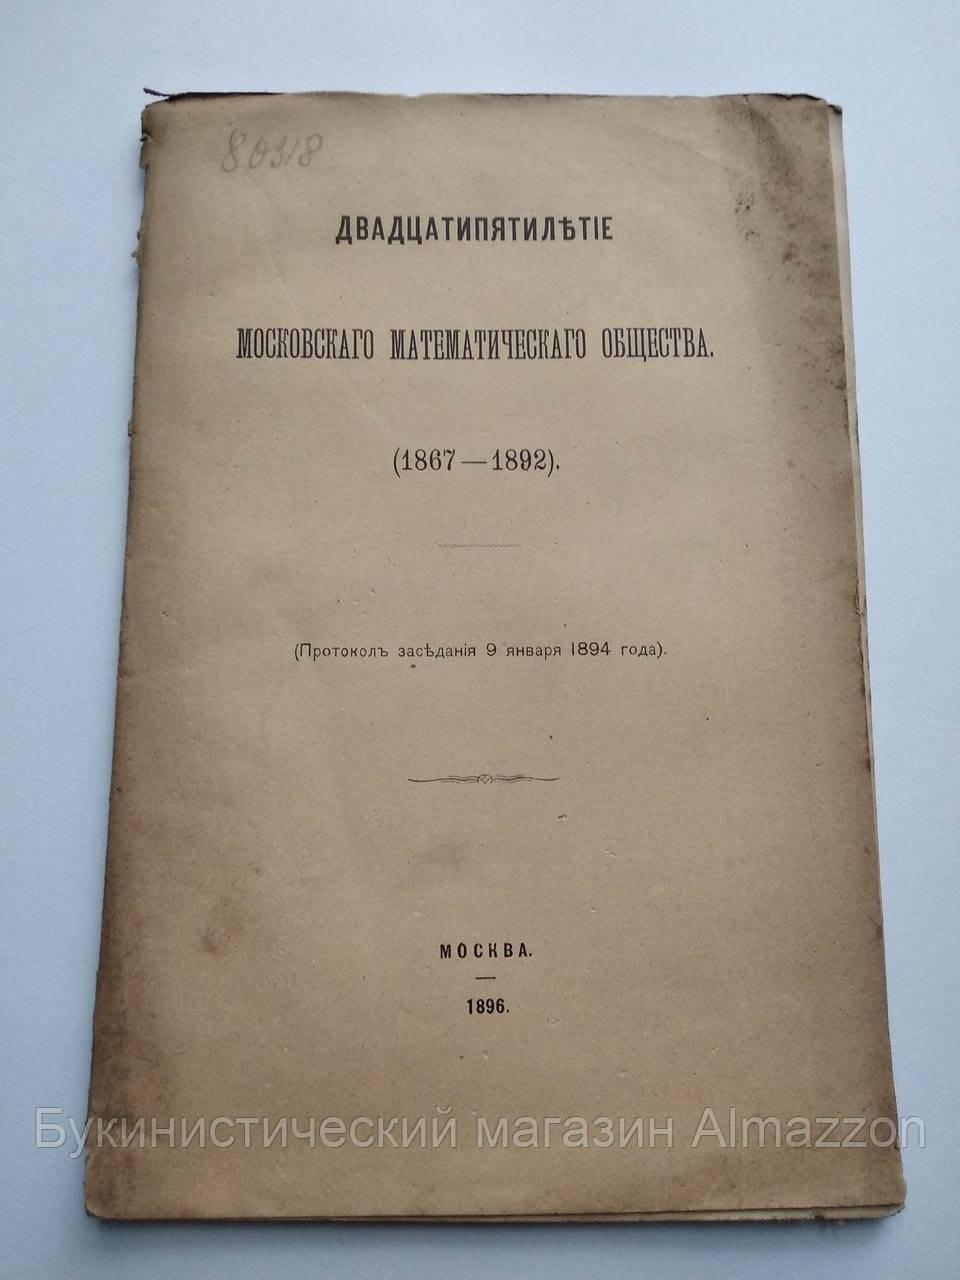 Двадцатипятилетие Московского математического общества 1896 год